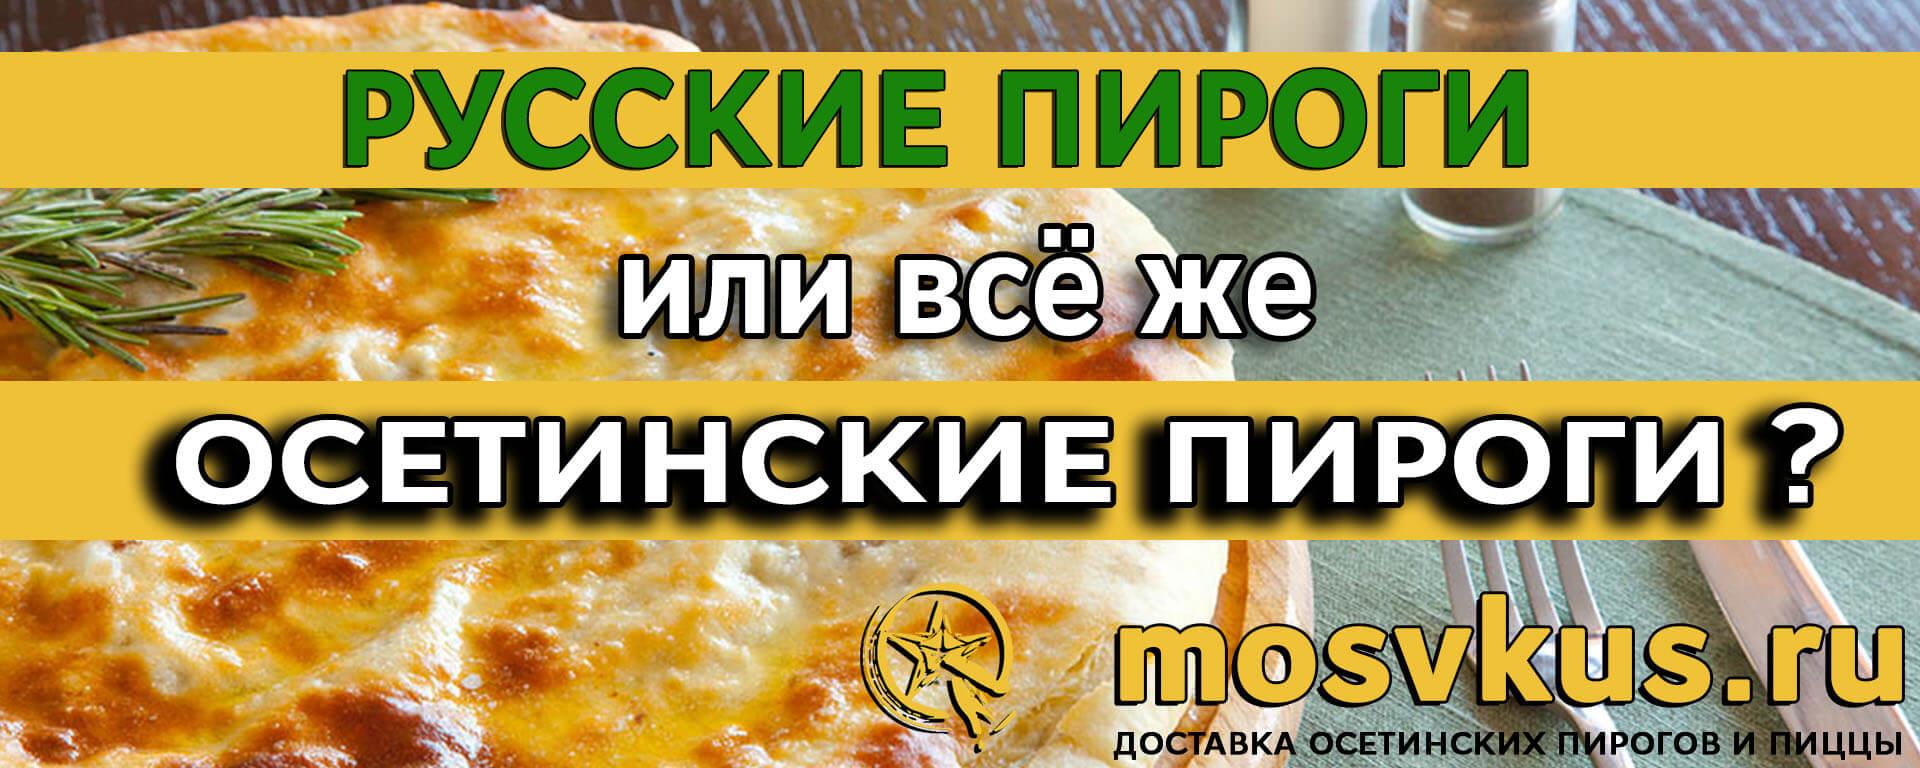 Русские пироги против осетинских